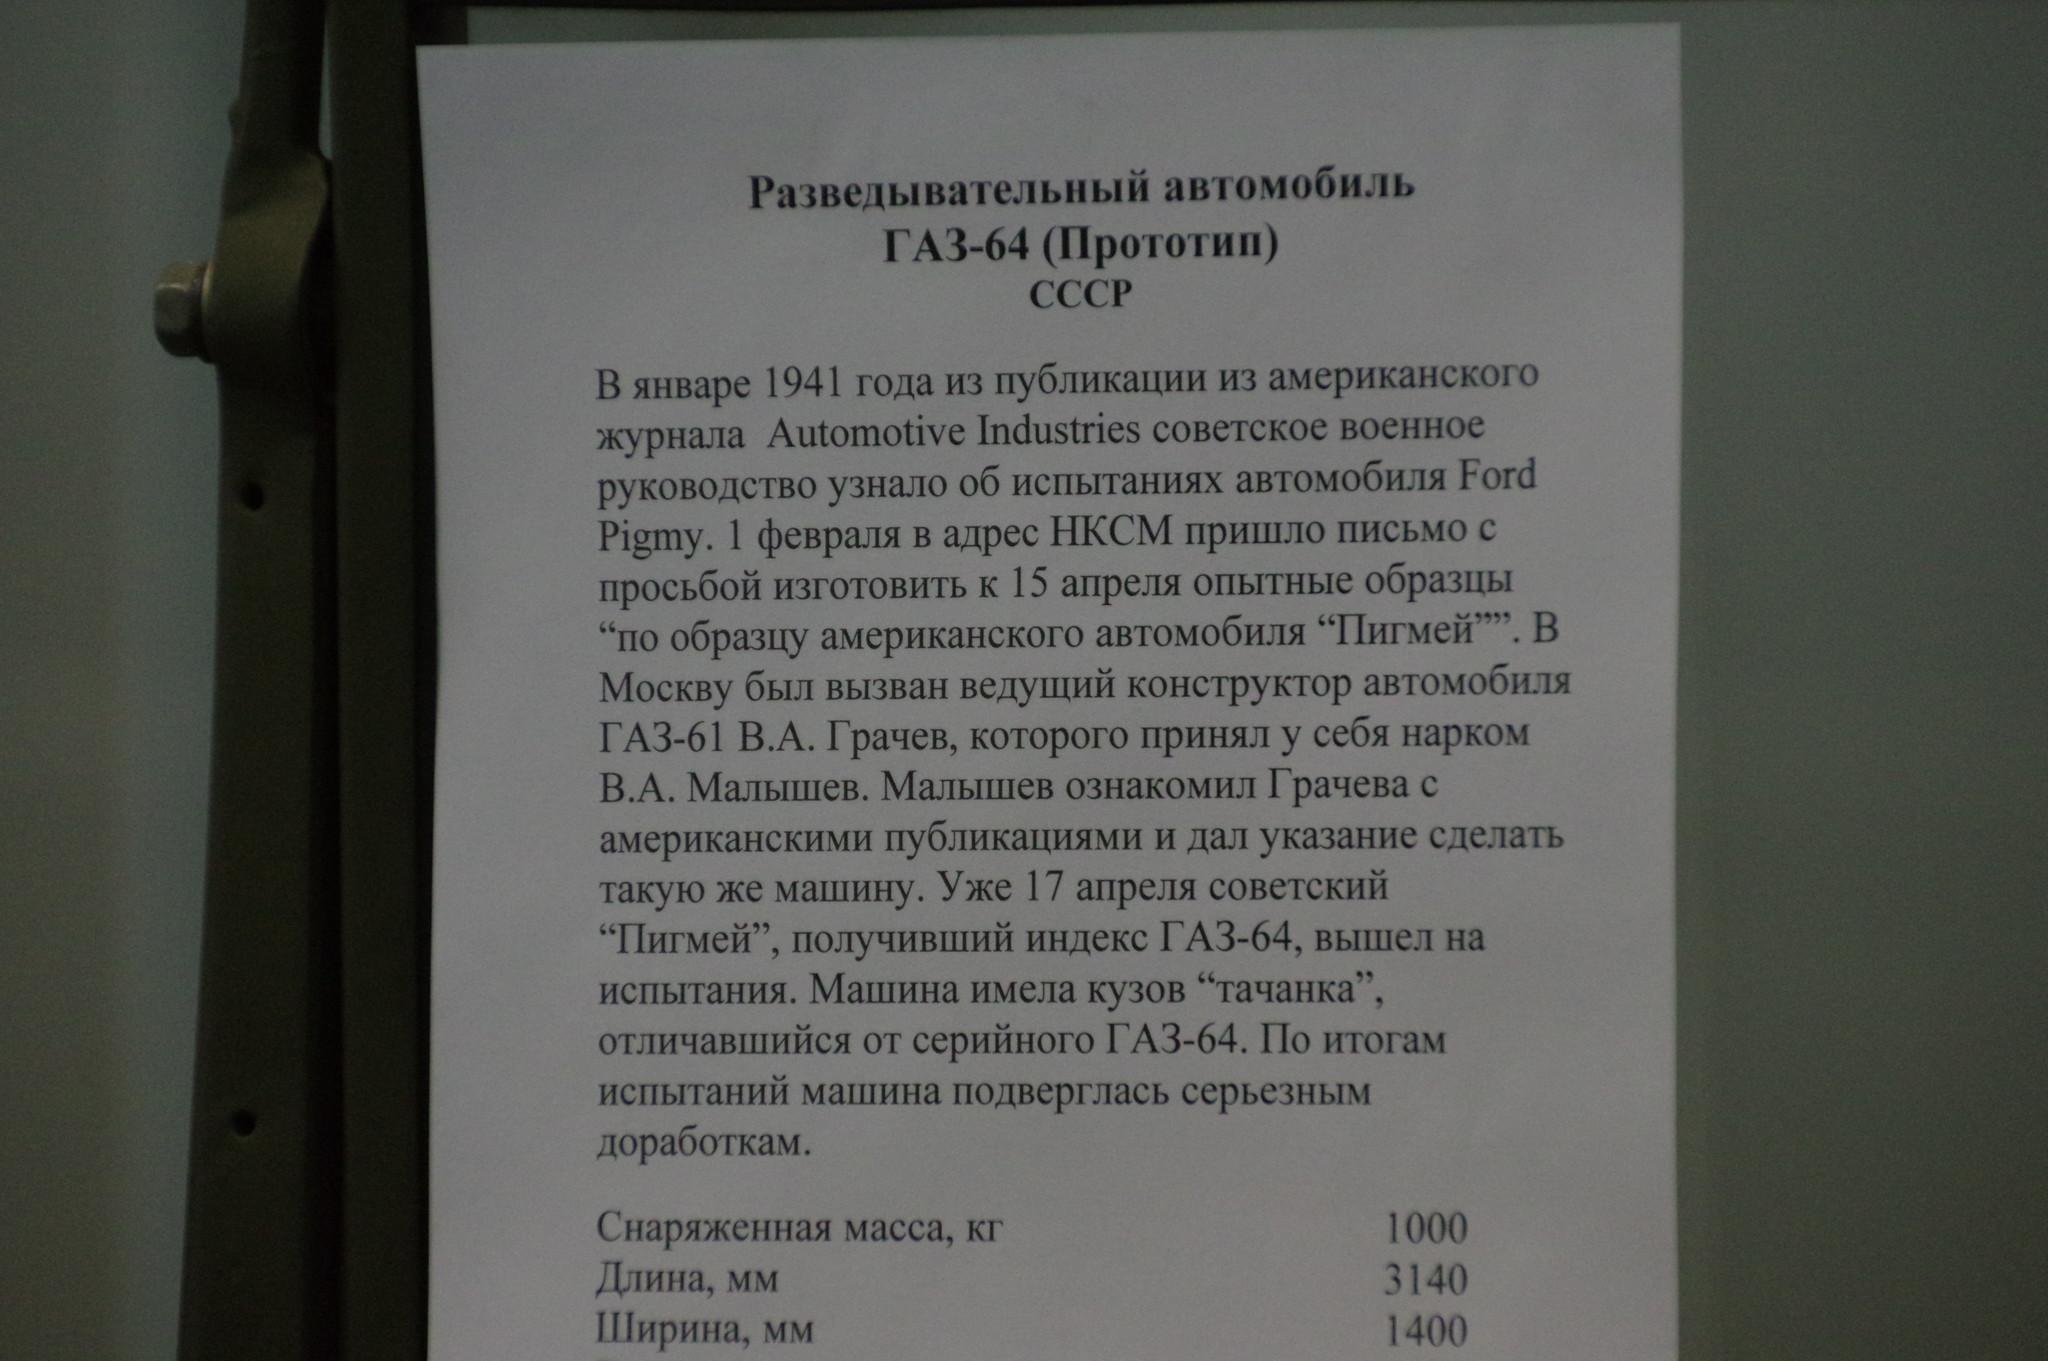 Разведывательный автомобиль ГАЗ-64 (Прототип)